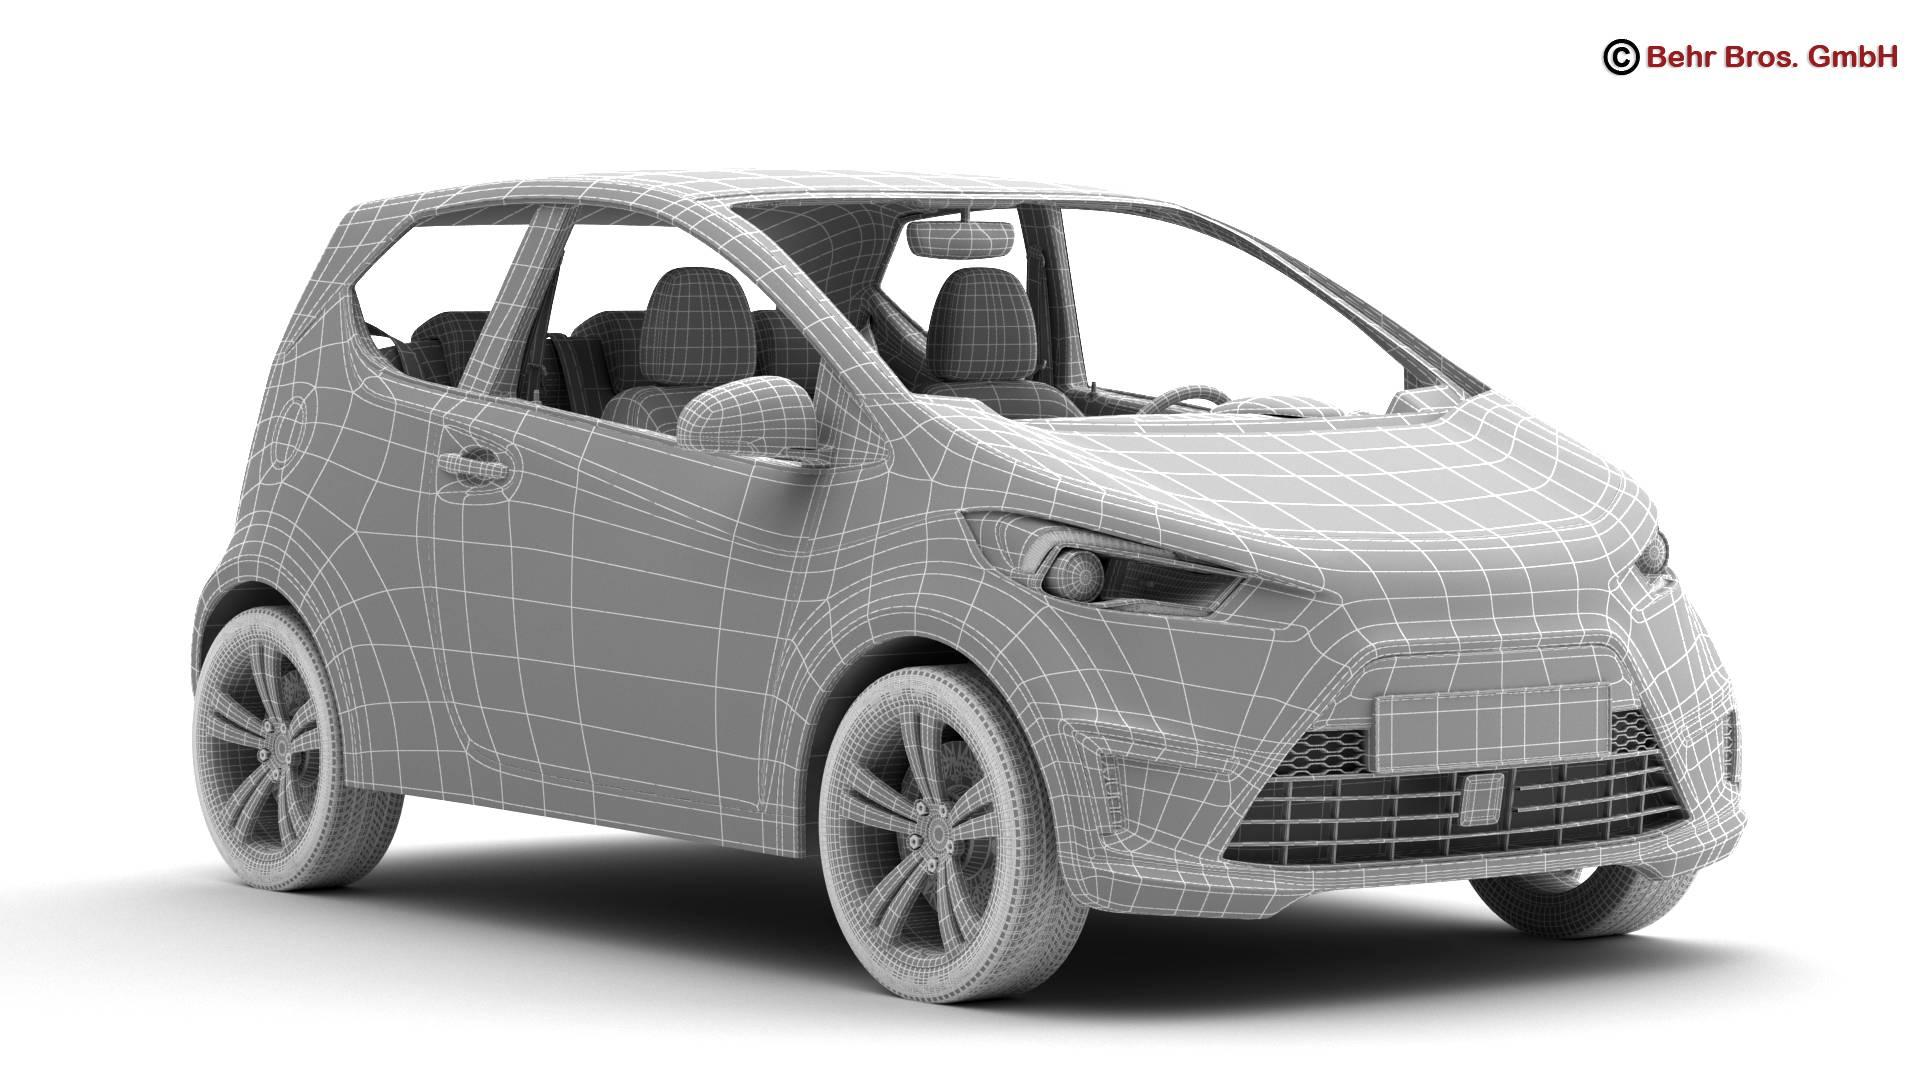 generic city car 3d model 3ds max fbx c4d lwo ma mb obj 209048